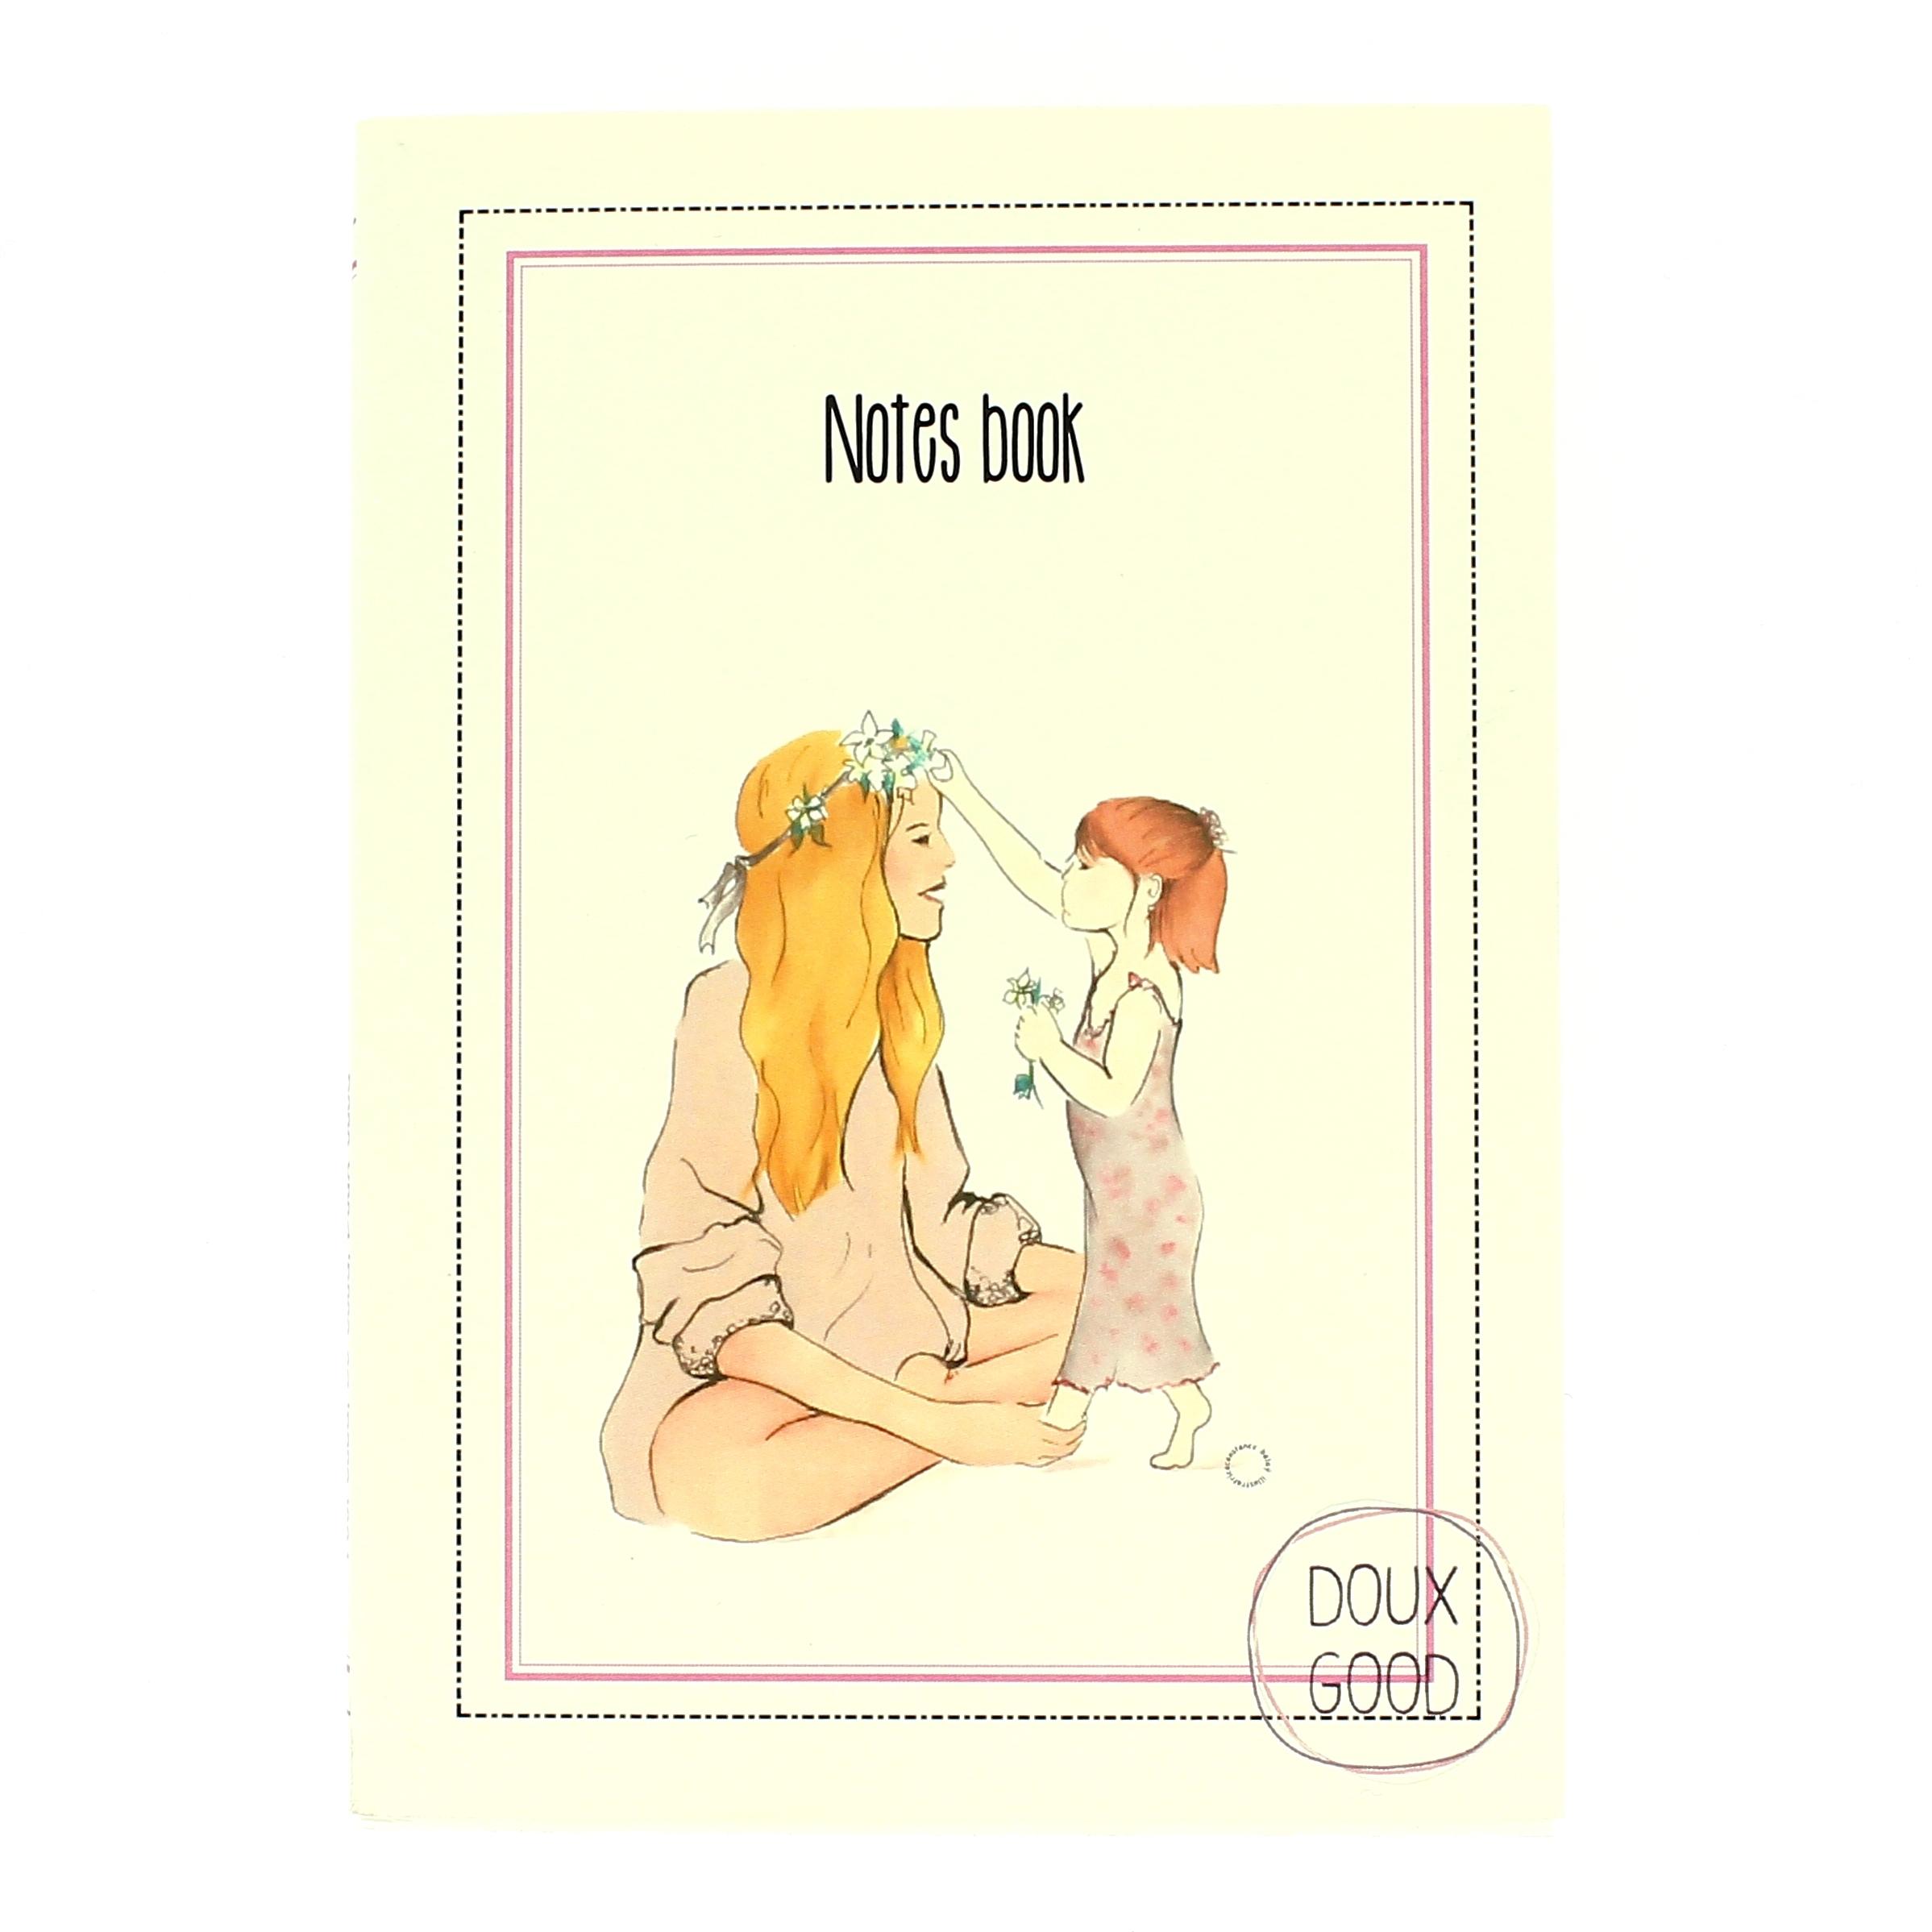 Notes book Doux Good - carnet pour la plus belle des mamans